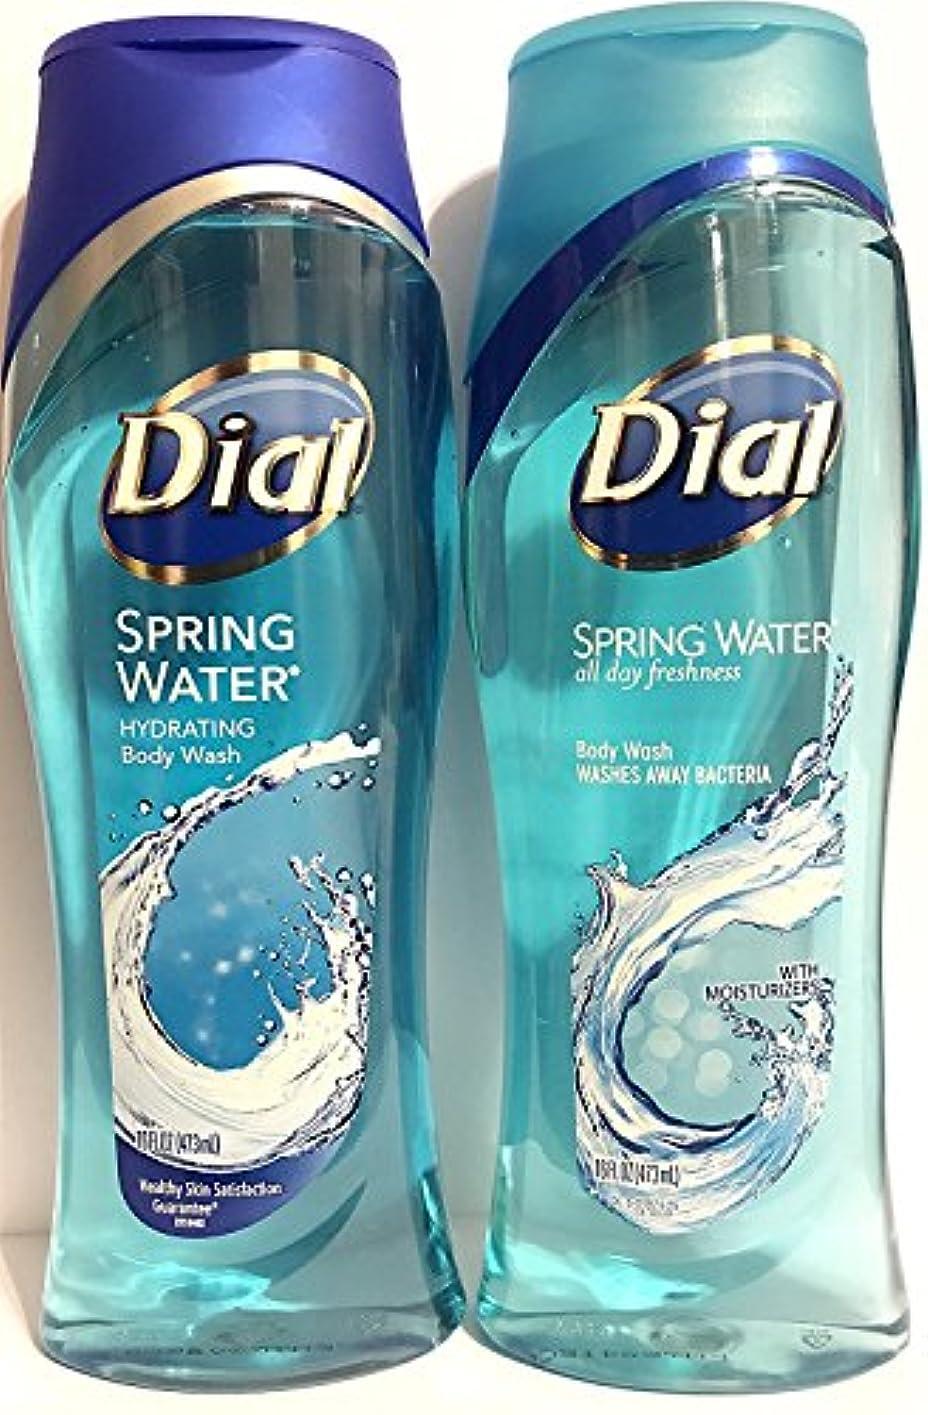 ビート蒸ロボットDial Body Wash, Spring Water, 16 Fl. Oz - 2 pk by Dial [並行輸入品]